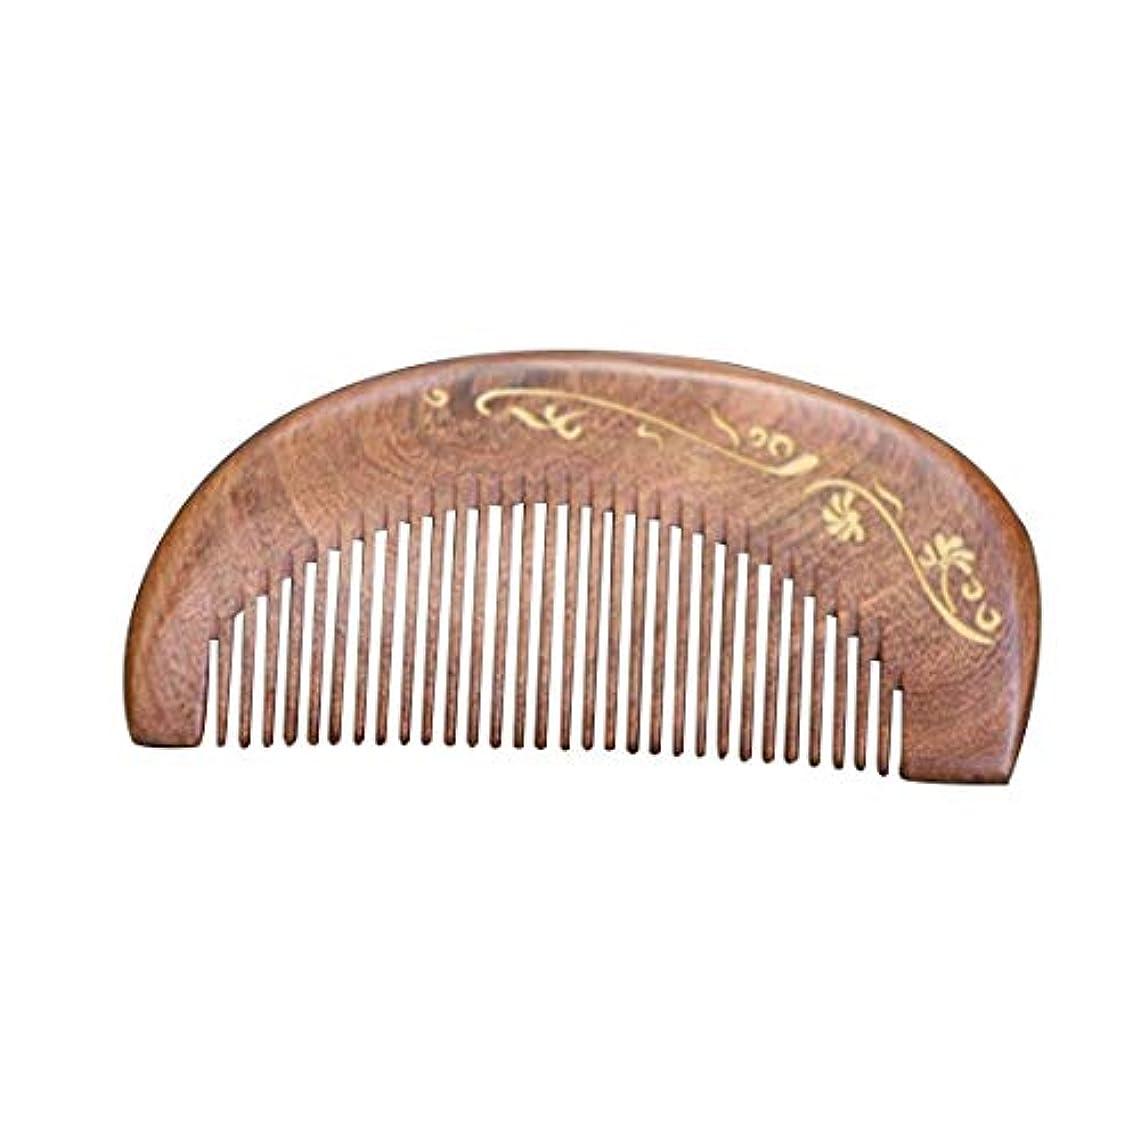 利得謝罪する葉っぱ白檀の毛の櫛 - 様々なスタイルはギフト用の箱と、頭髪のための密な歯の櫛の帯電防止ヘアブラシを握り ヘアケア (Design : A)